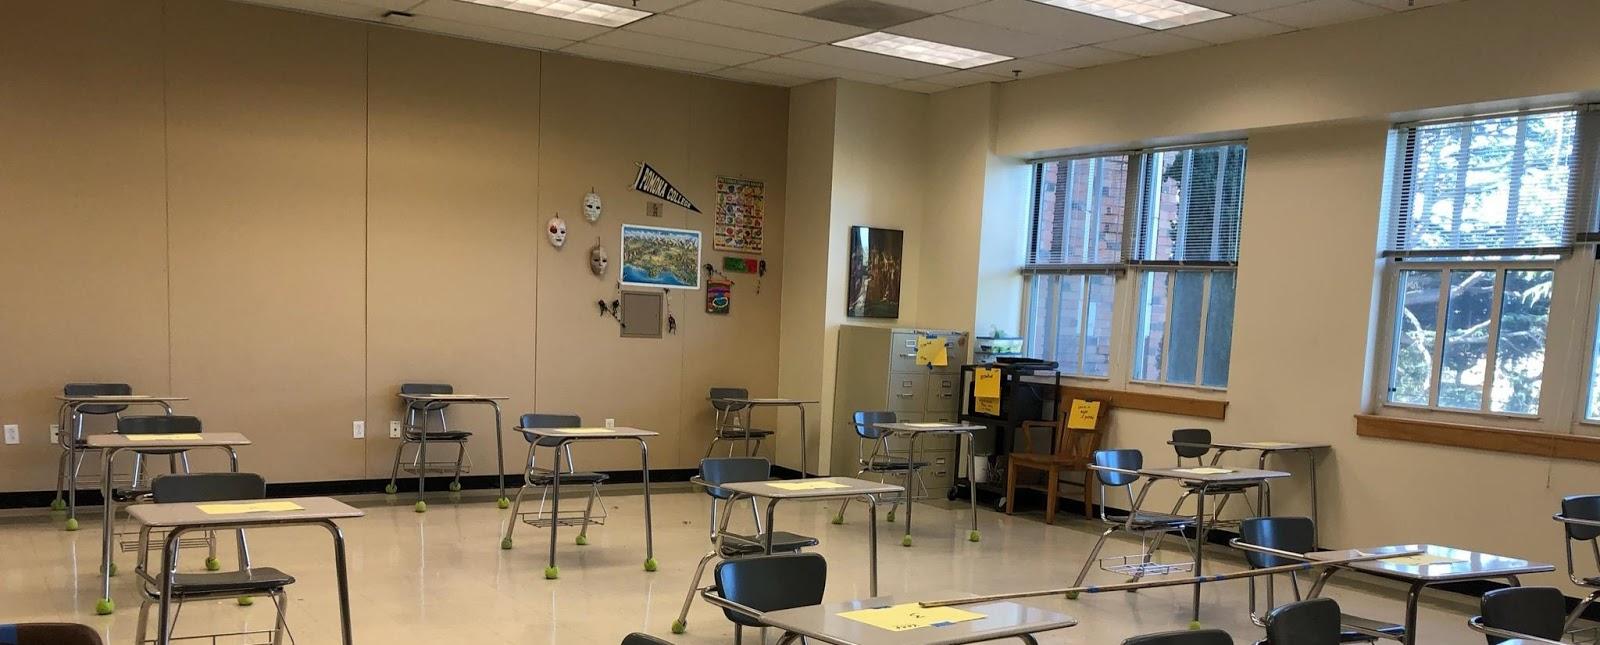 Distance Classroom Setup